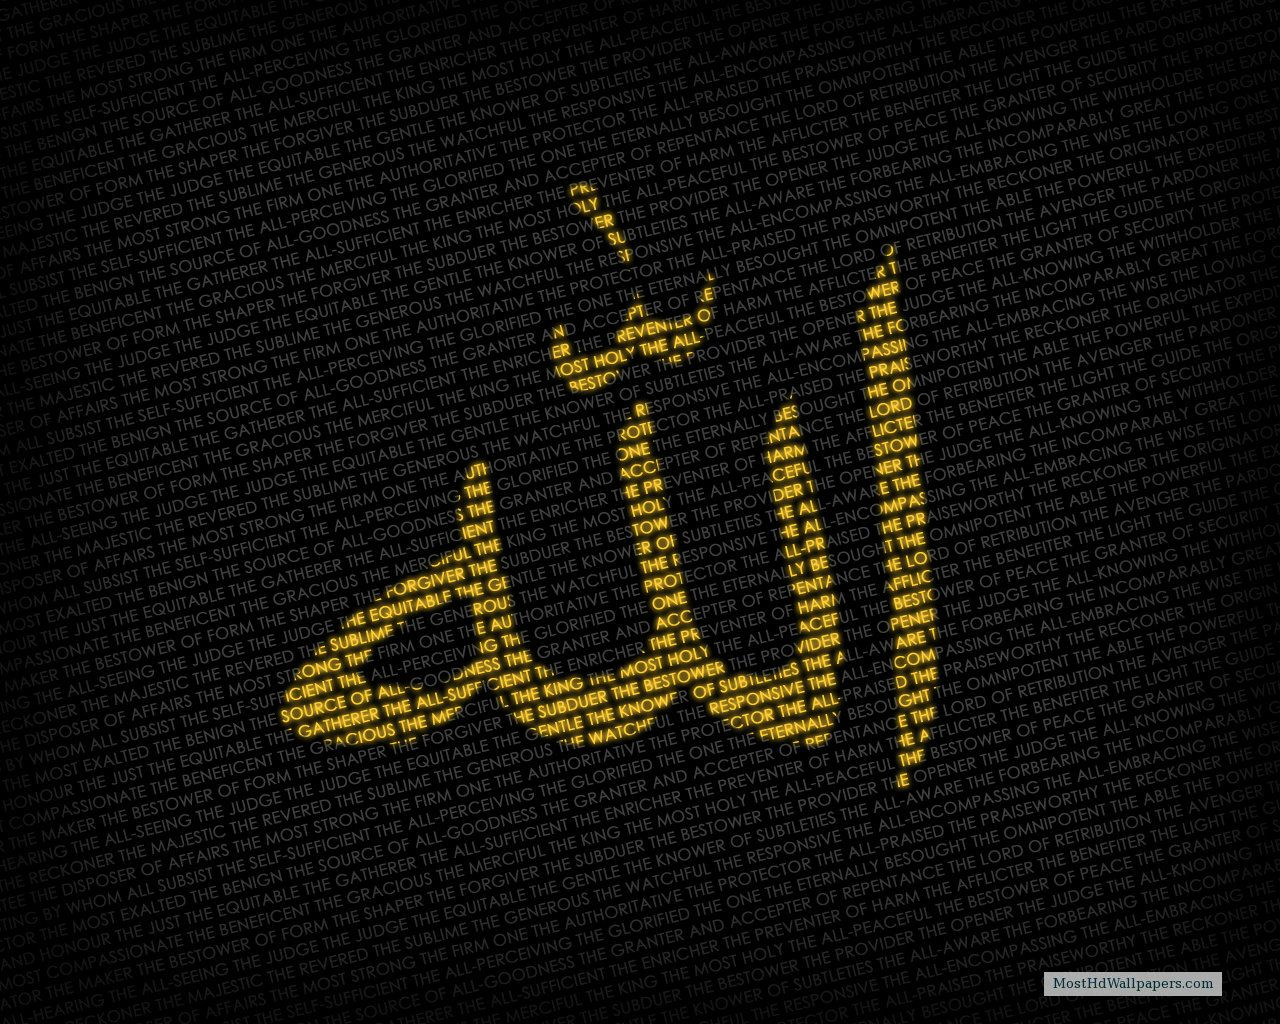 1280x1024 Hình nền Hồi giáo HD Hồi giáo và Luật Hồi giáo 1280x1024